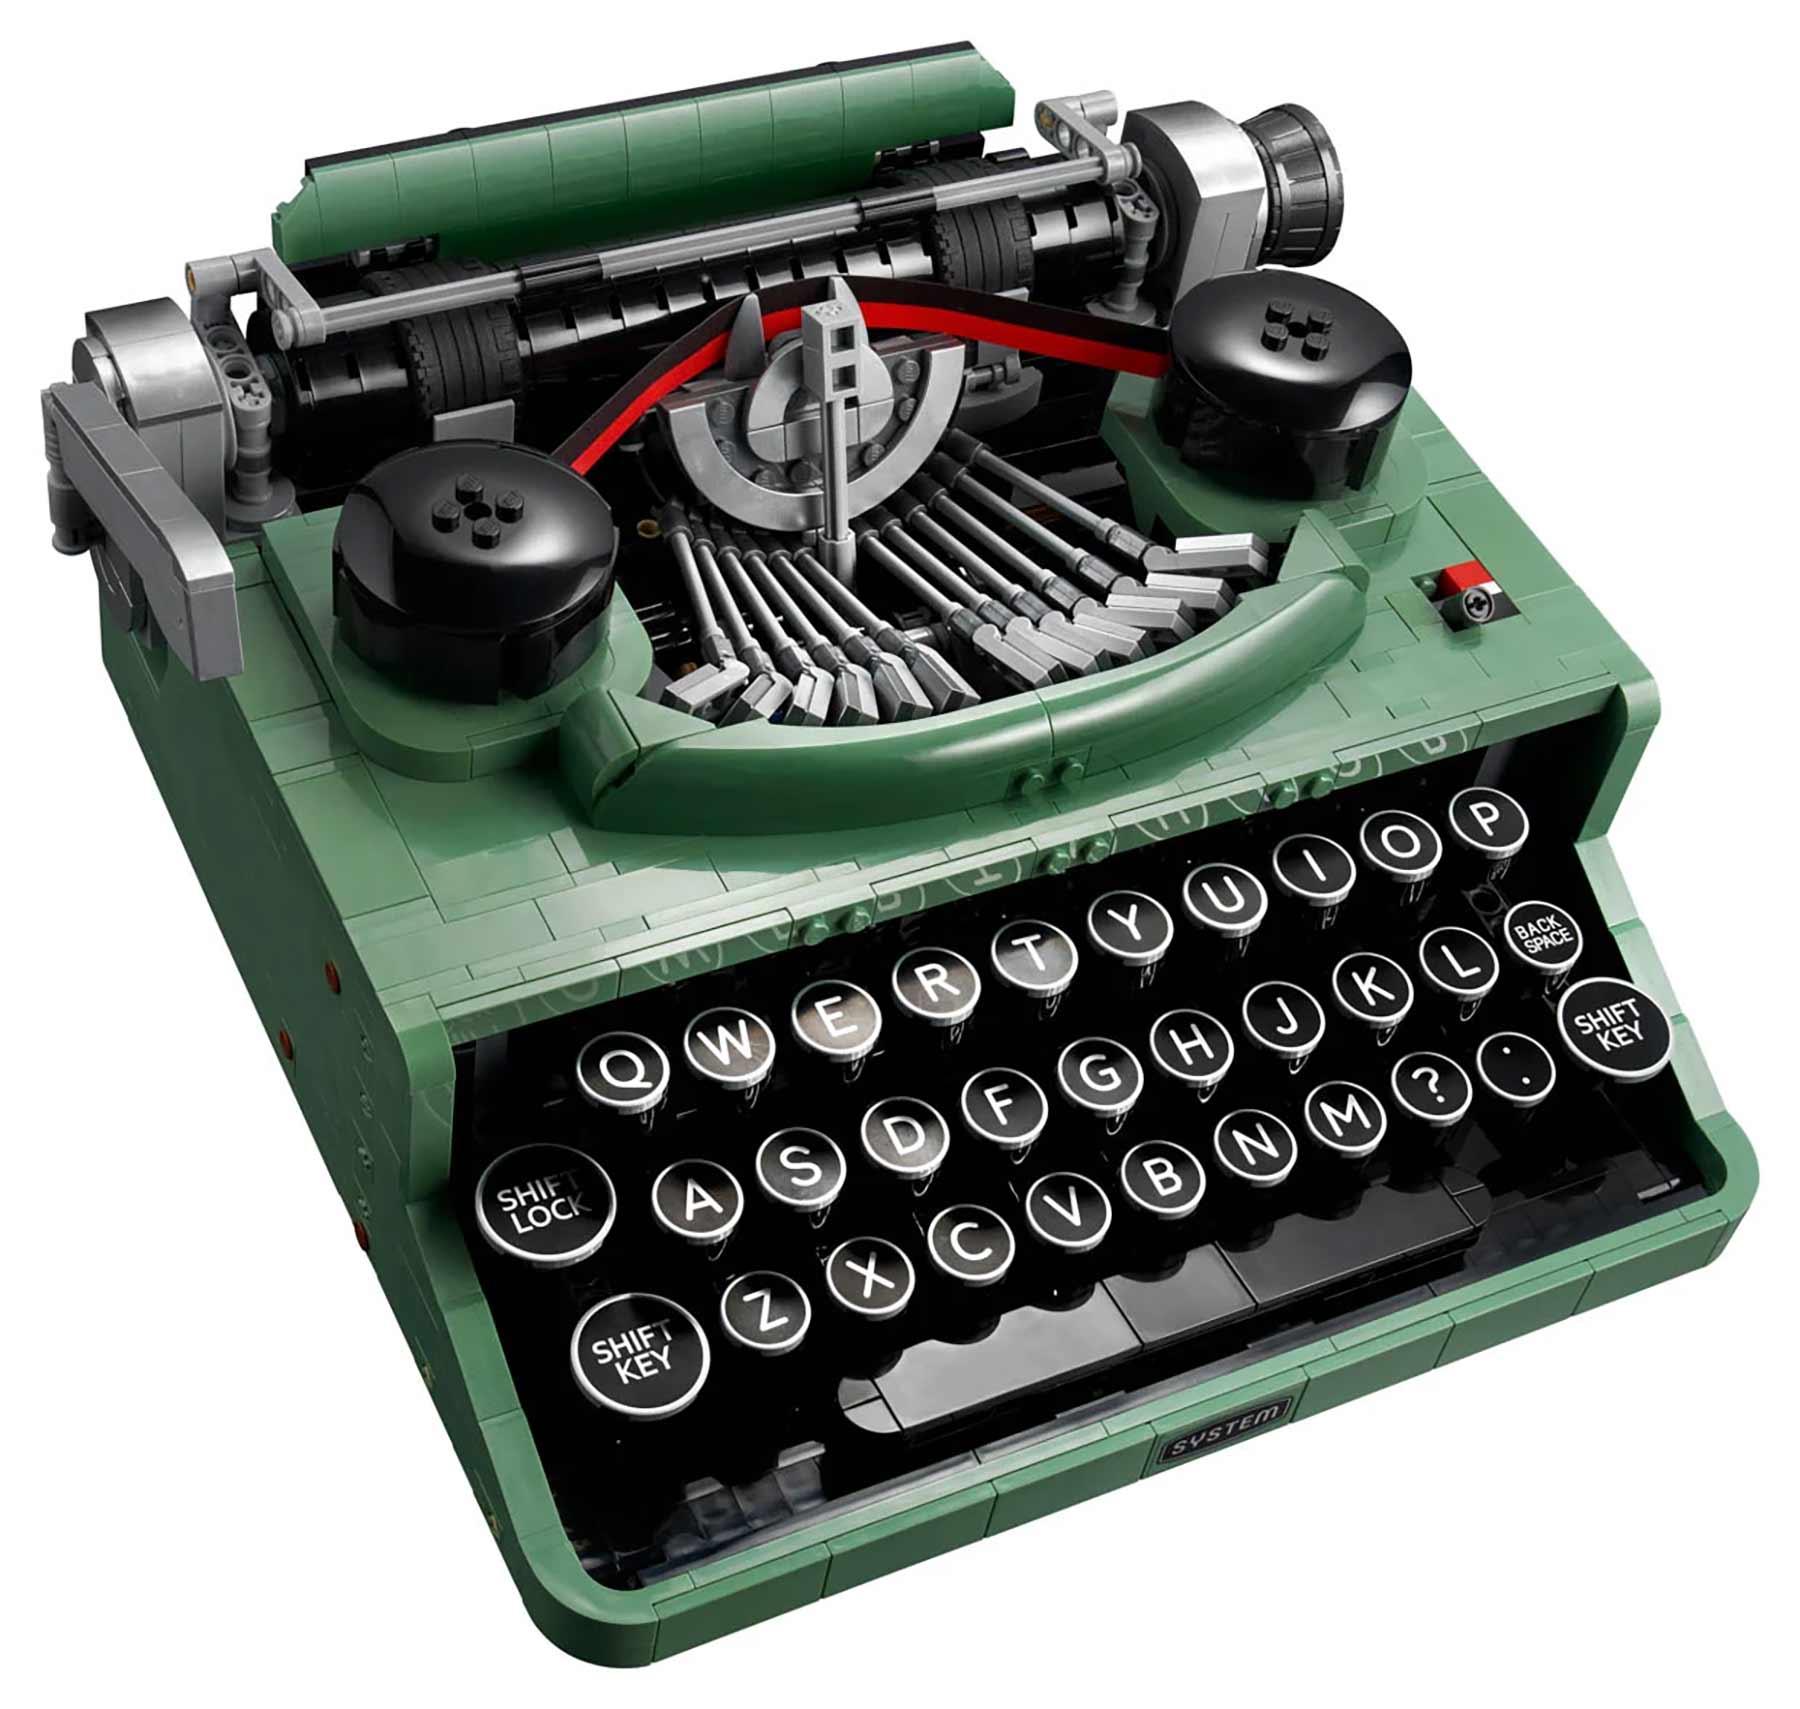 LEGO Schreibmaschine (Set 21327) LEGO-Schreibmaschine_02